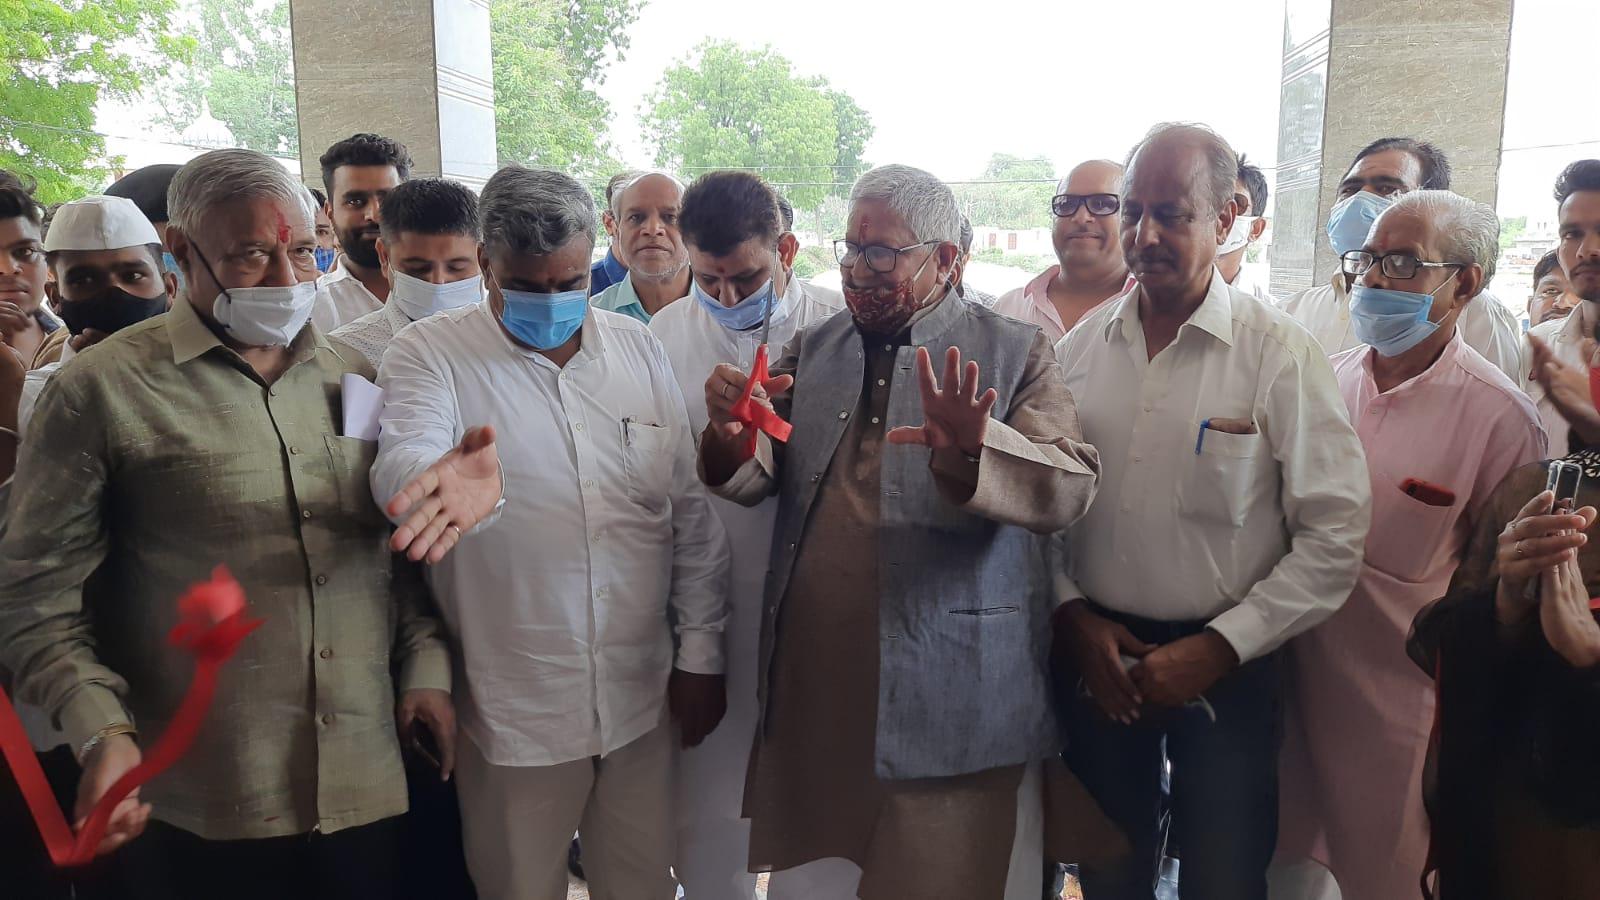 शाहपुरा में भाई चारे की राजनीति से विकास जारी रखा जायेगा- मेघवाल